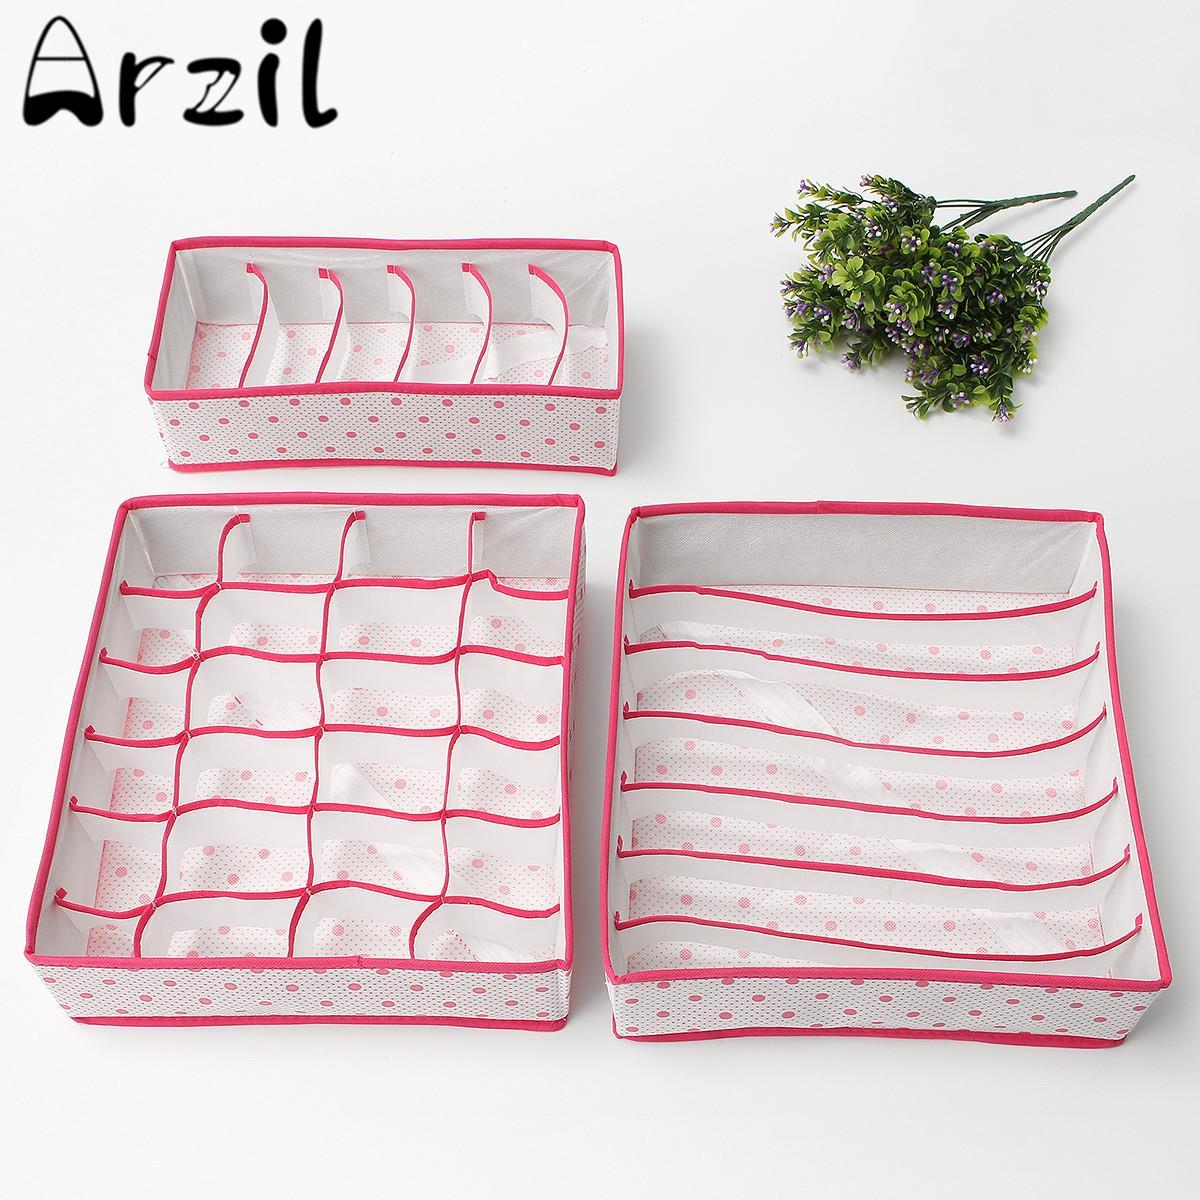 3pcs Set Foldable Clothing Storage Boxes Bra Underwear